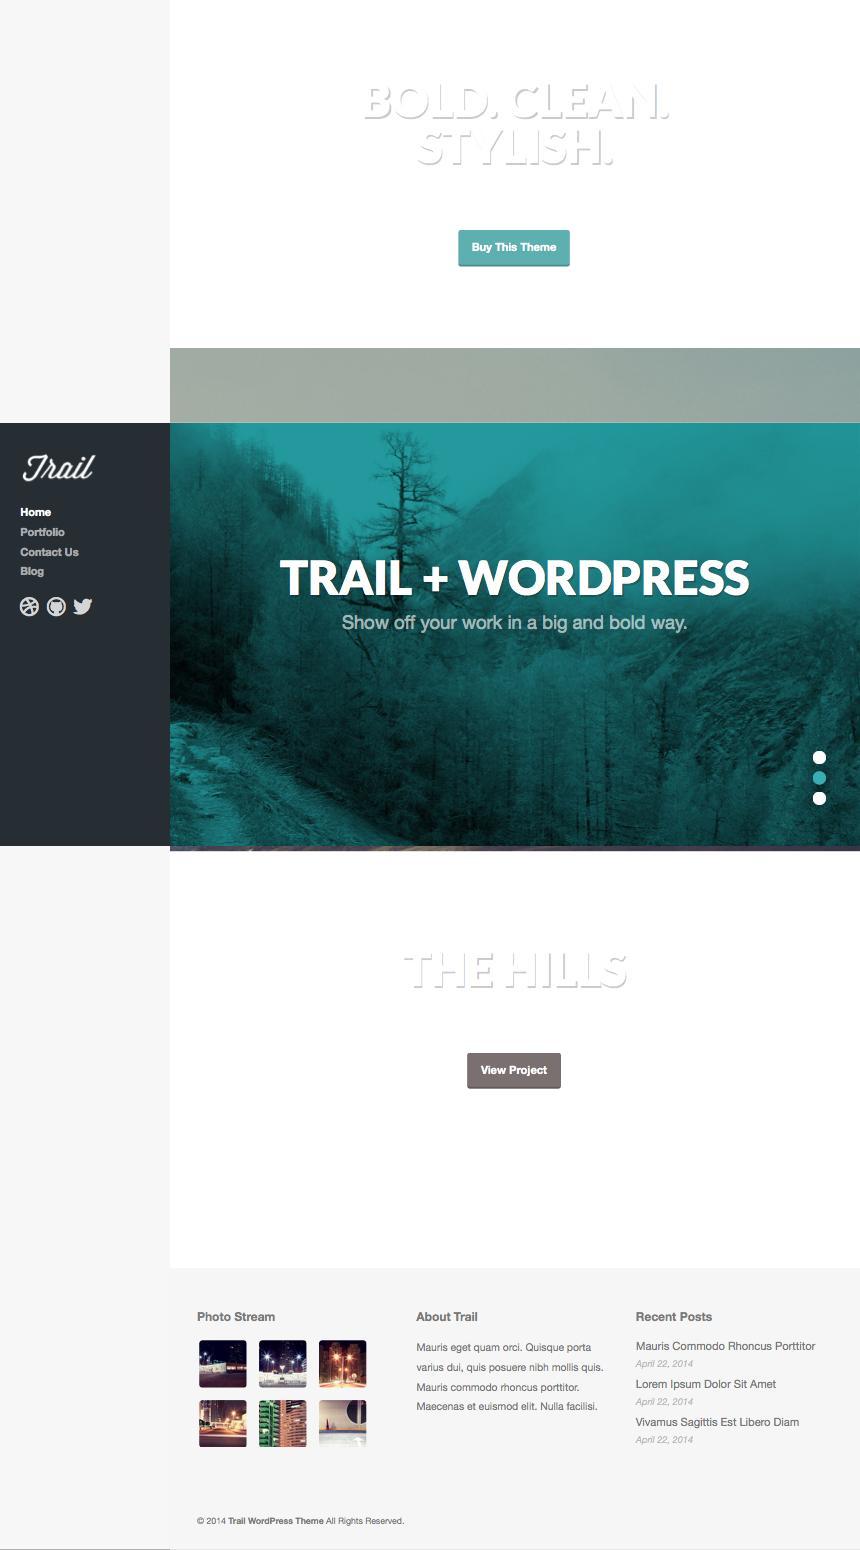 Trail WordPress Full Screen Parallax Scrolling Theme